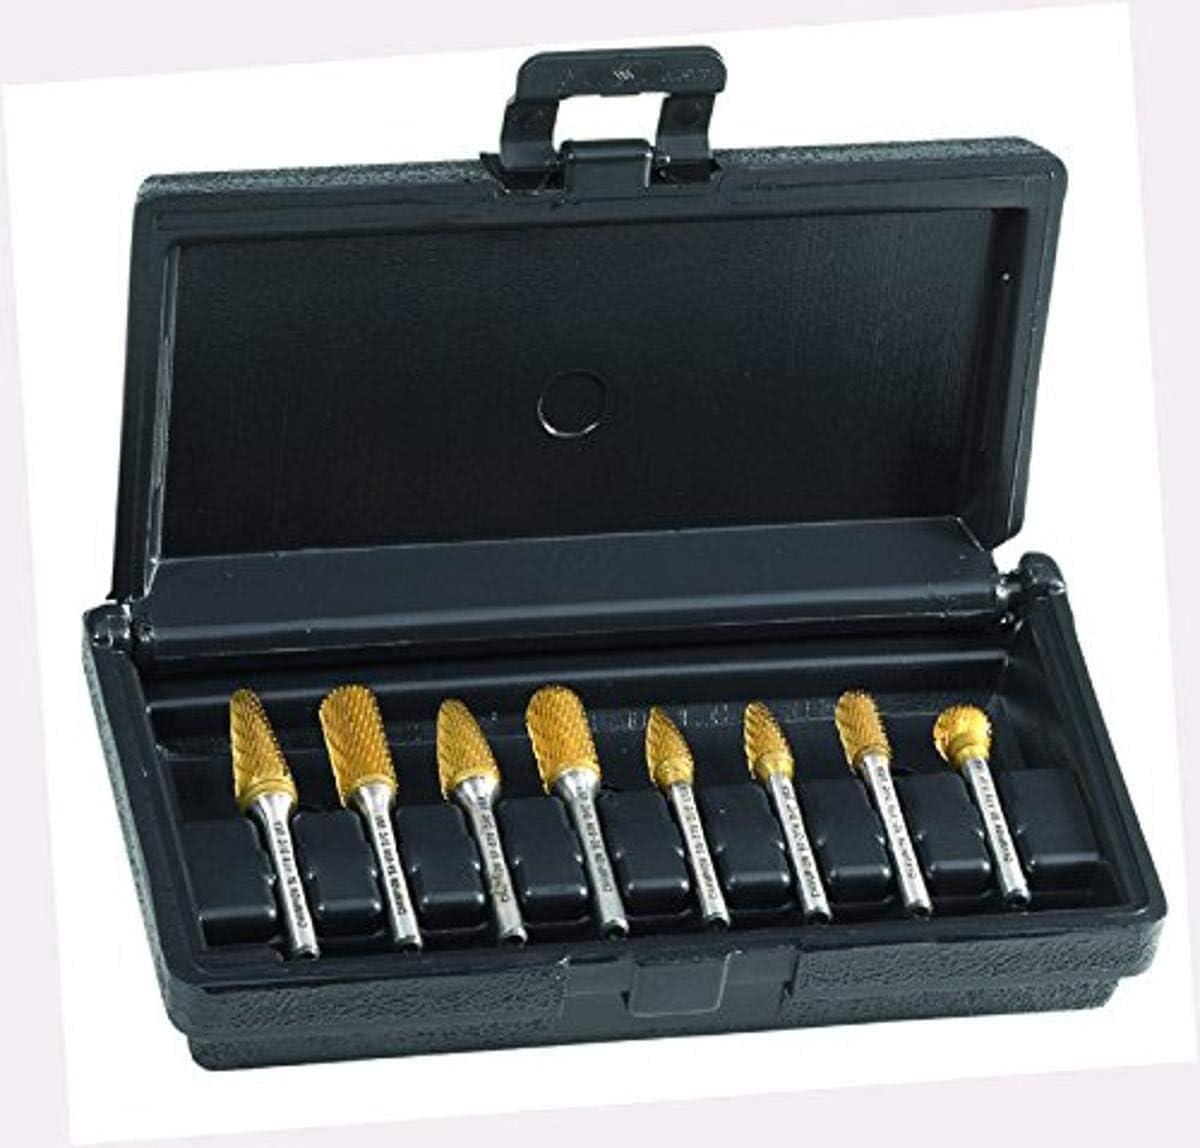 SA5, SC3, SC5, SD5, SF3, SF5, SG3, SL4 Champion BK8P Titanium Nitrite Coated Bur Set Solid Carbide 8 Piece